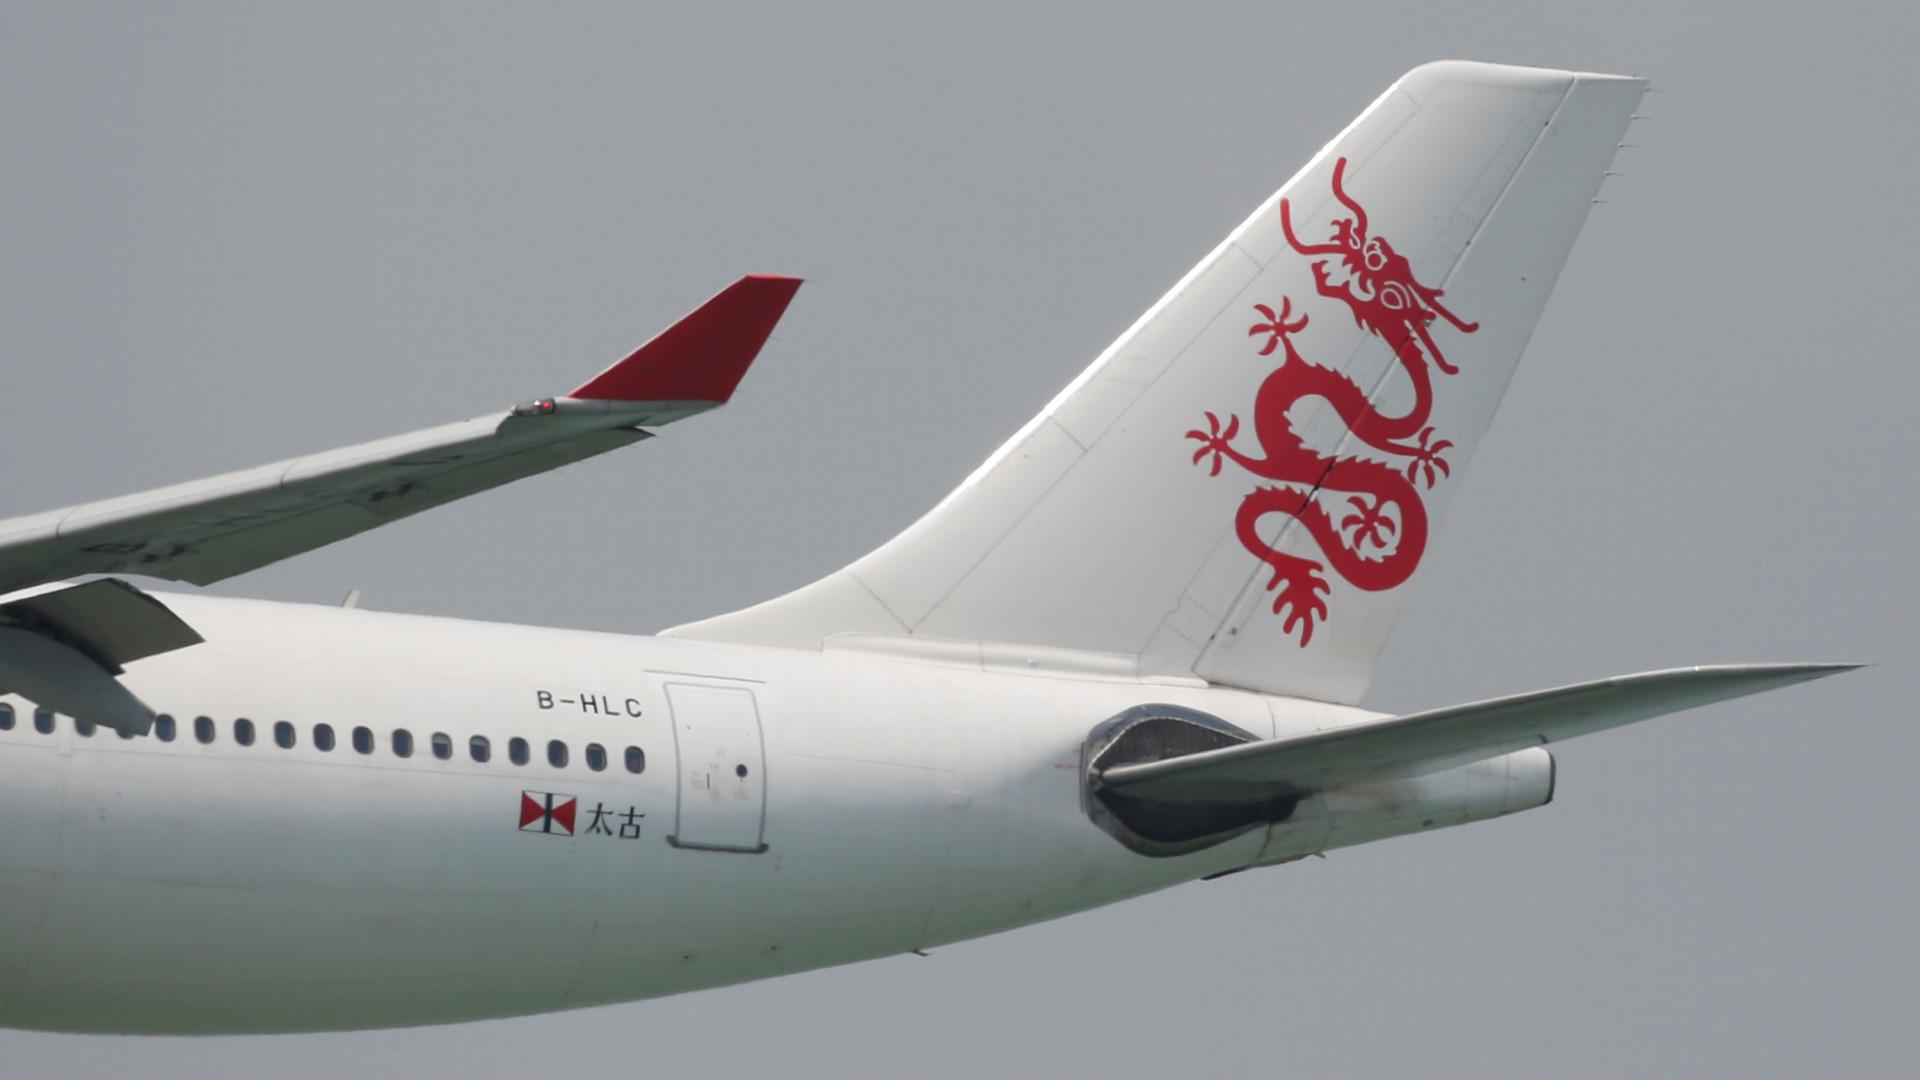 Copiloto suspeito de fumar no avião e provocar queda a pique do aparelho